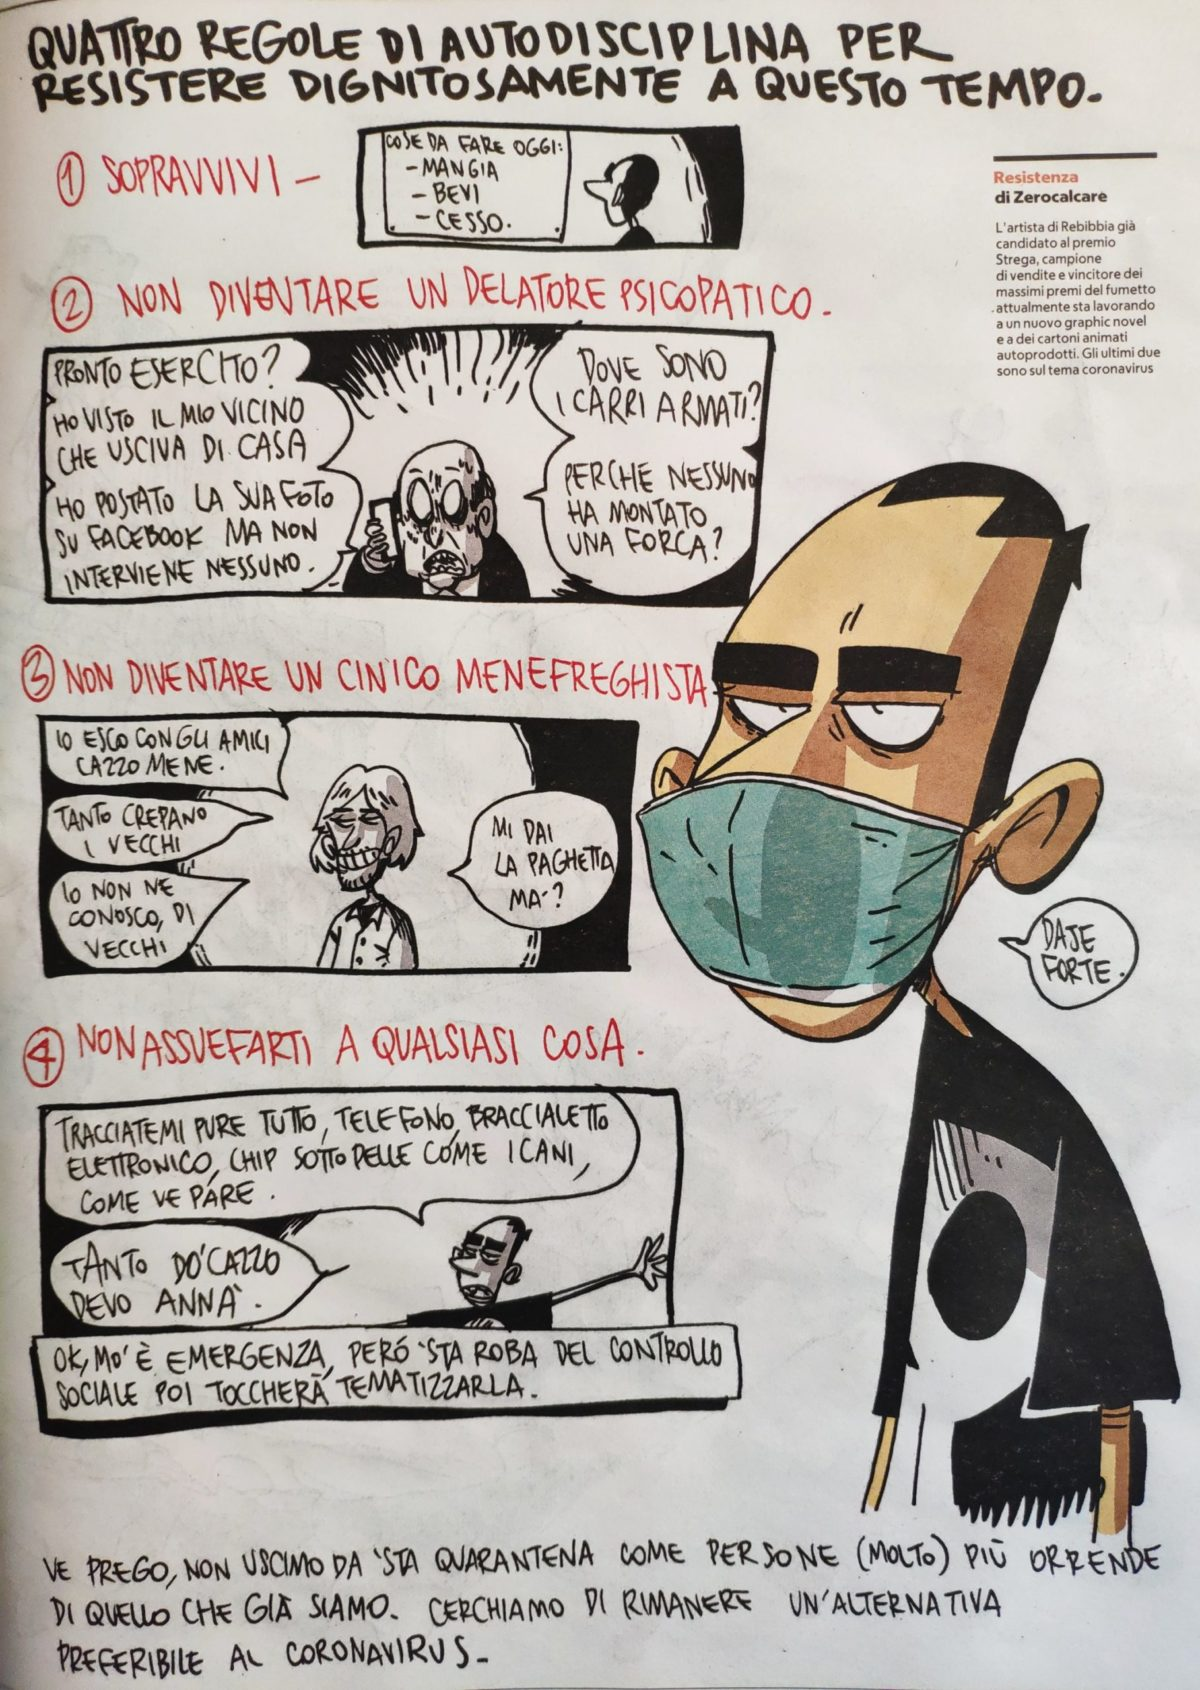 Mio caro fumetto... - Regole di autodiscipina ai tempi del coronavirus di Zerocalcare